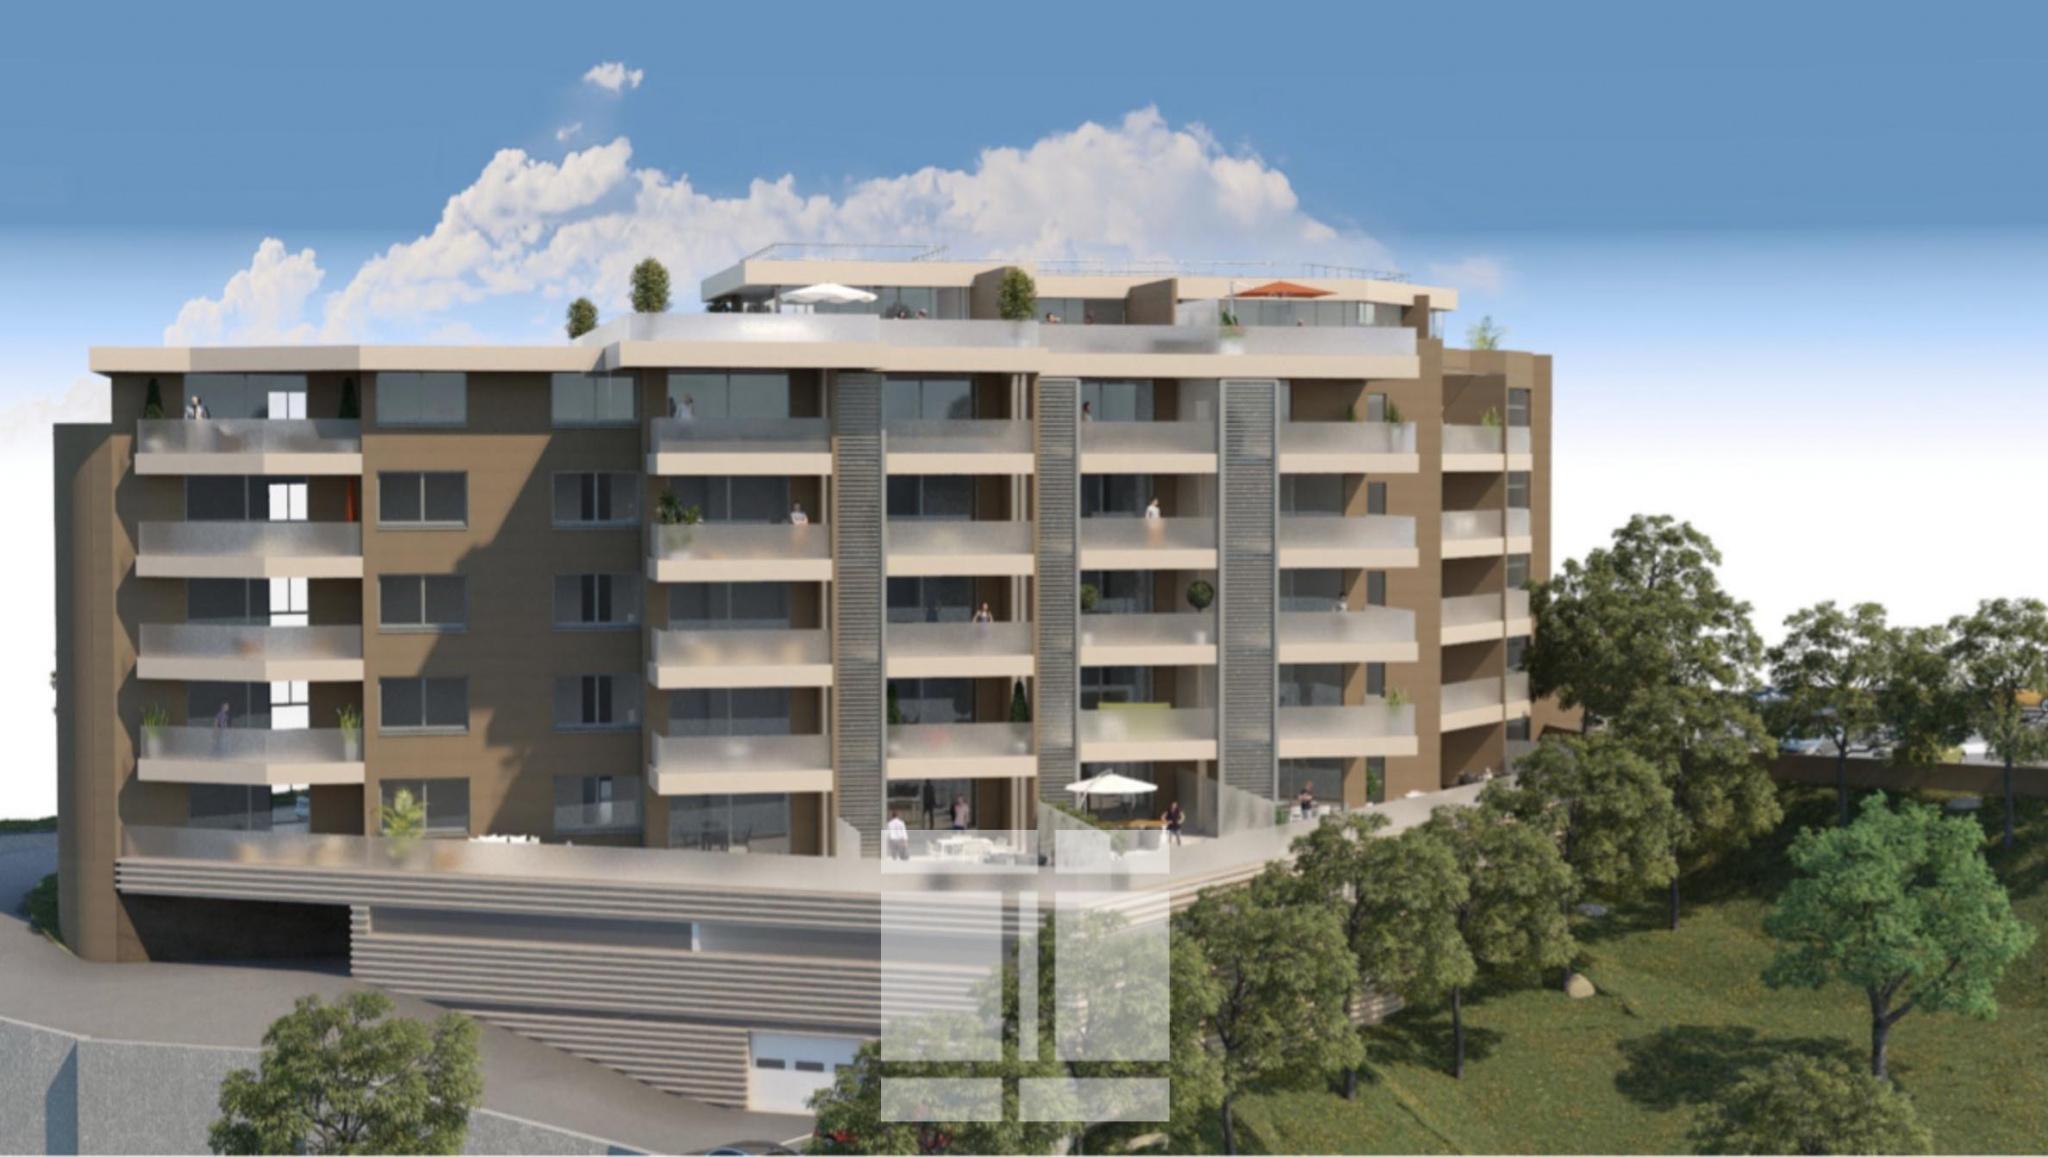 RESIDENCE AIACCIU BELLU - APPARTEMENT NEUF T3 - 97.27 m2